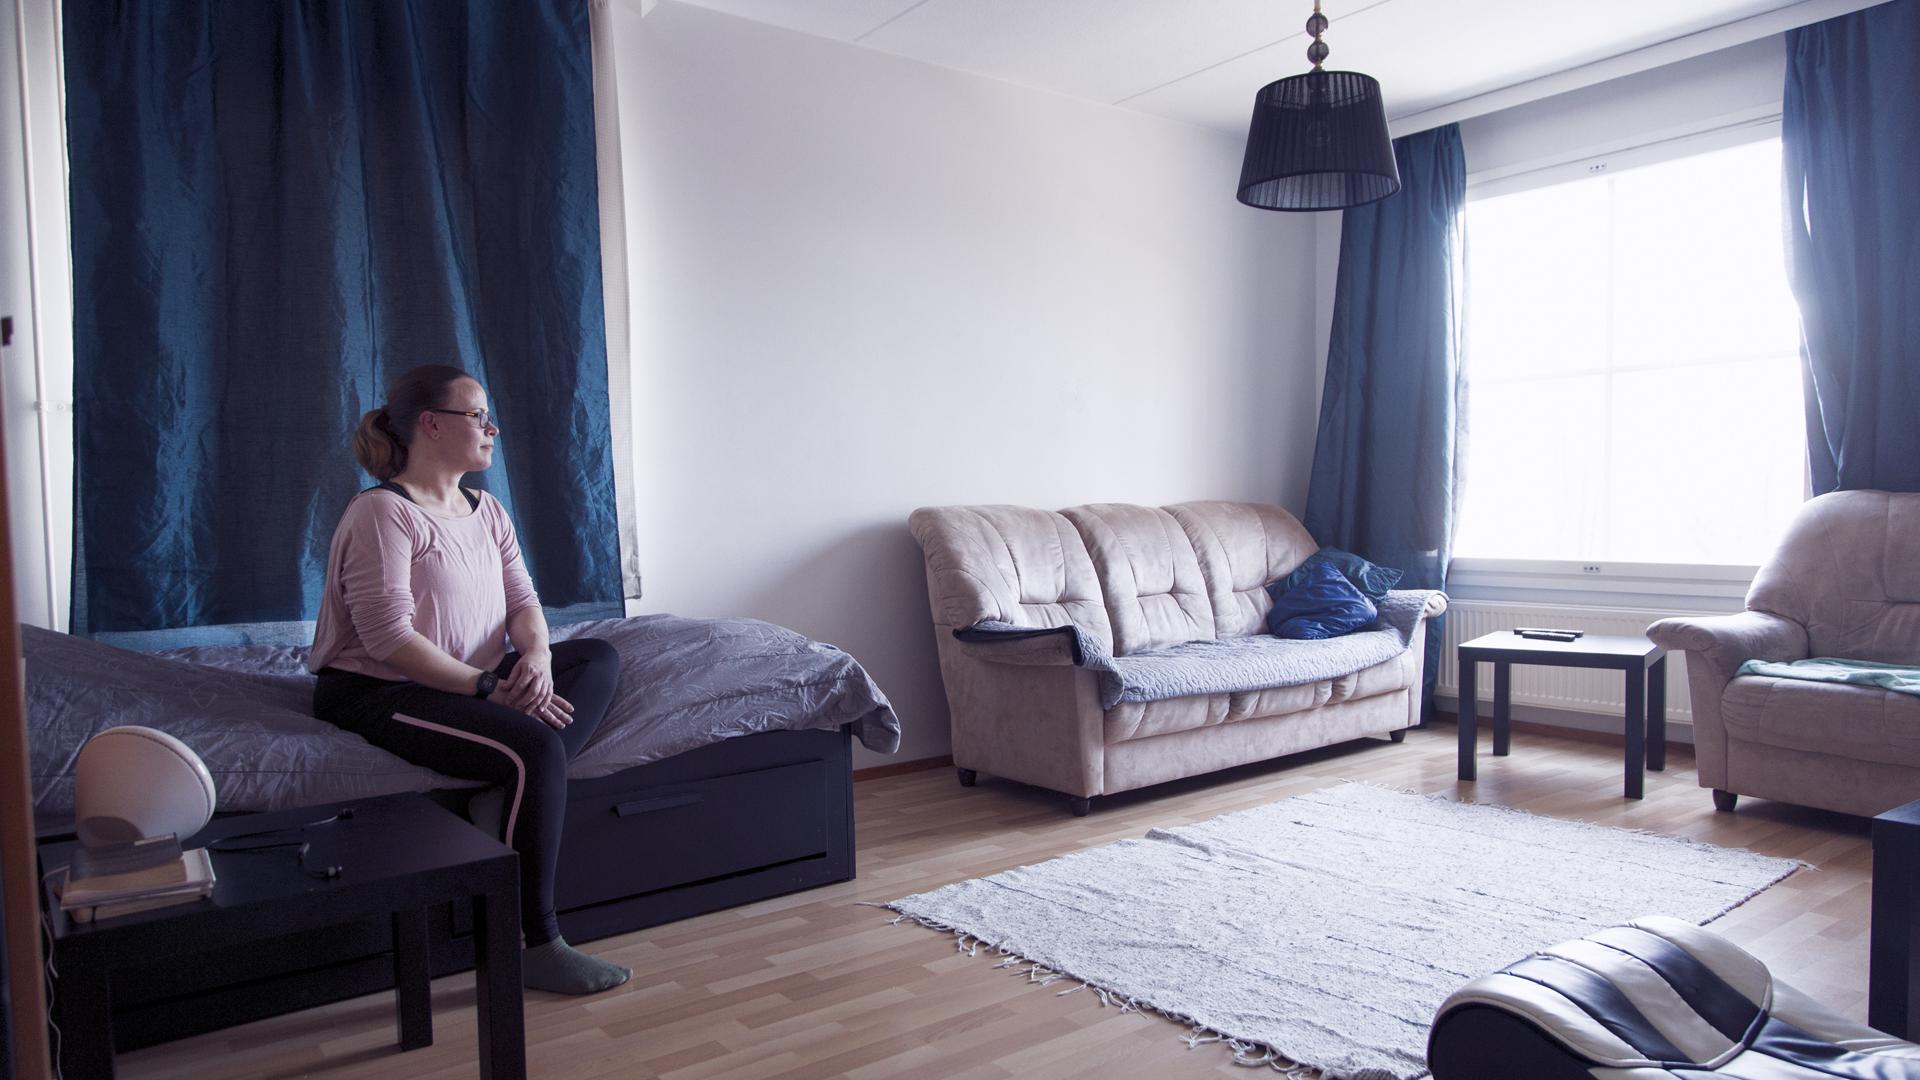 Kirsi Segerin viisihenkinen perhe asuu kaupungin 87 neliöisessä asunnossa, jonka vuokra on yli 1000 euroa kuussa. Kirsi nukkuu olohuoneessa, lapset kolmessa makuuhuoneessa.